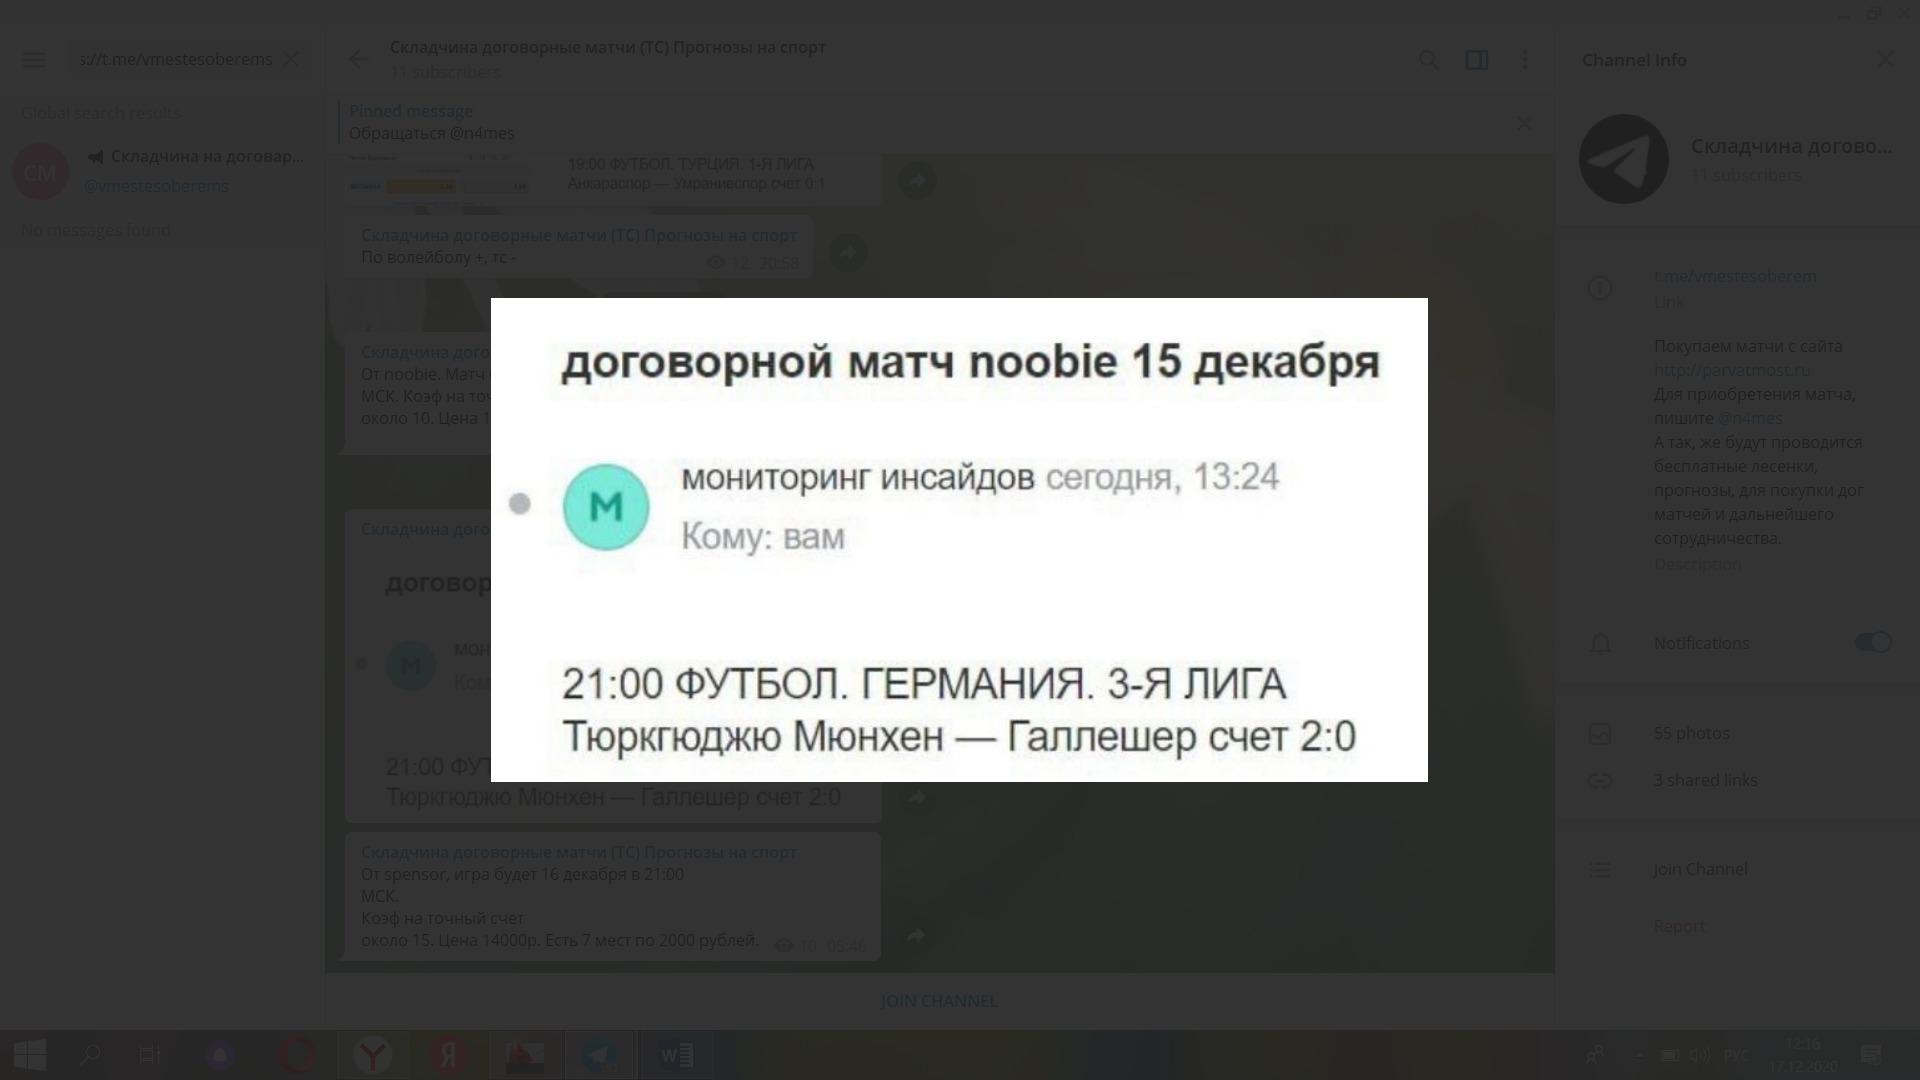 Скриншоты сообщений с пабликов инсайдеров